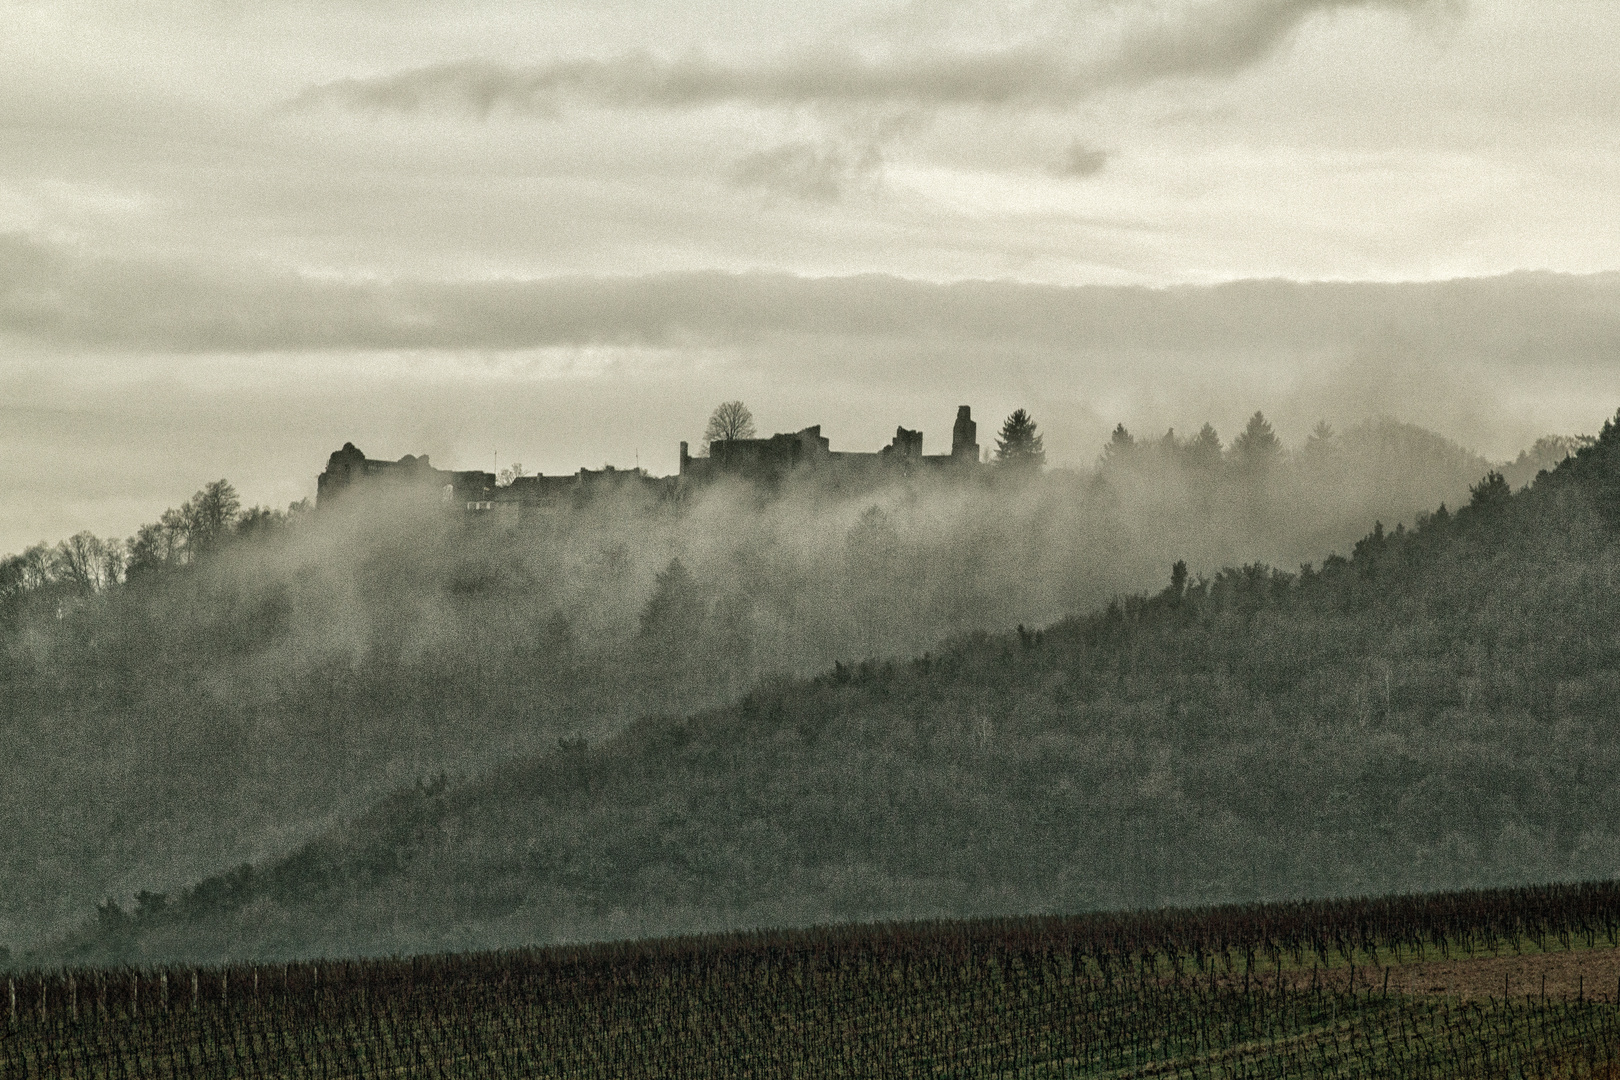 Tagesanbruch in der Pfalz I